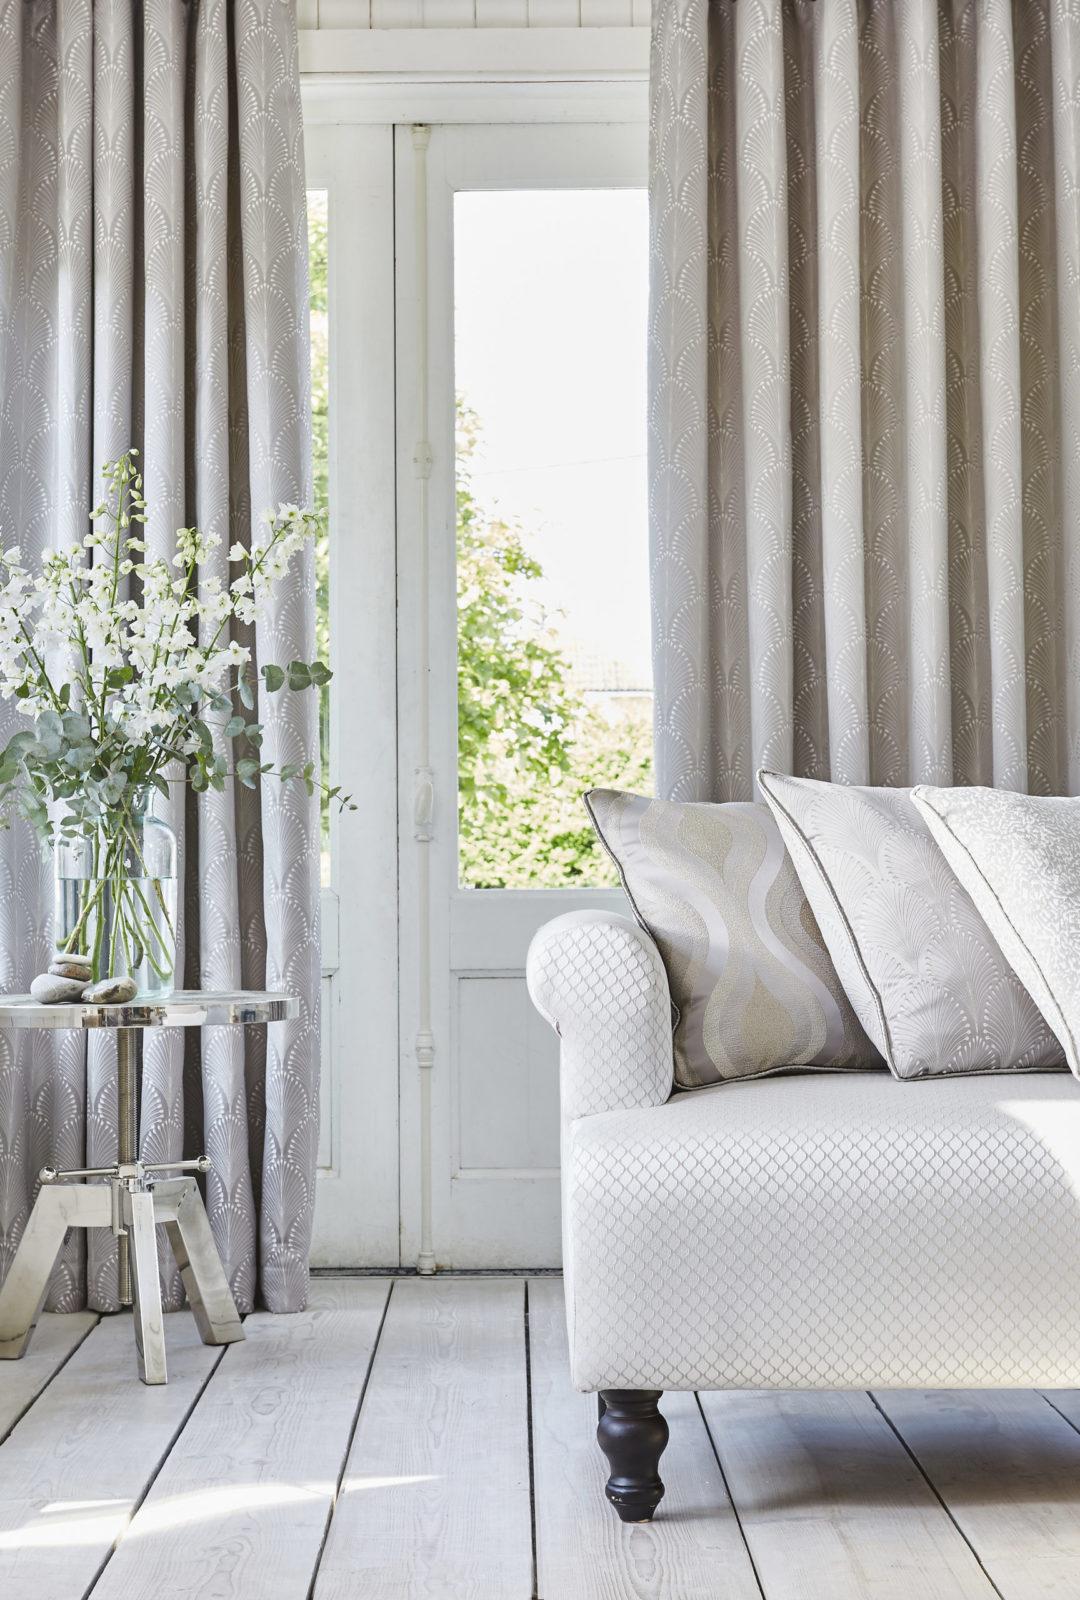 Sofa mit Gardienen und einer Pflanze auf einem Tisch